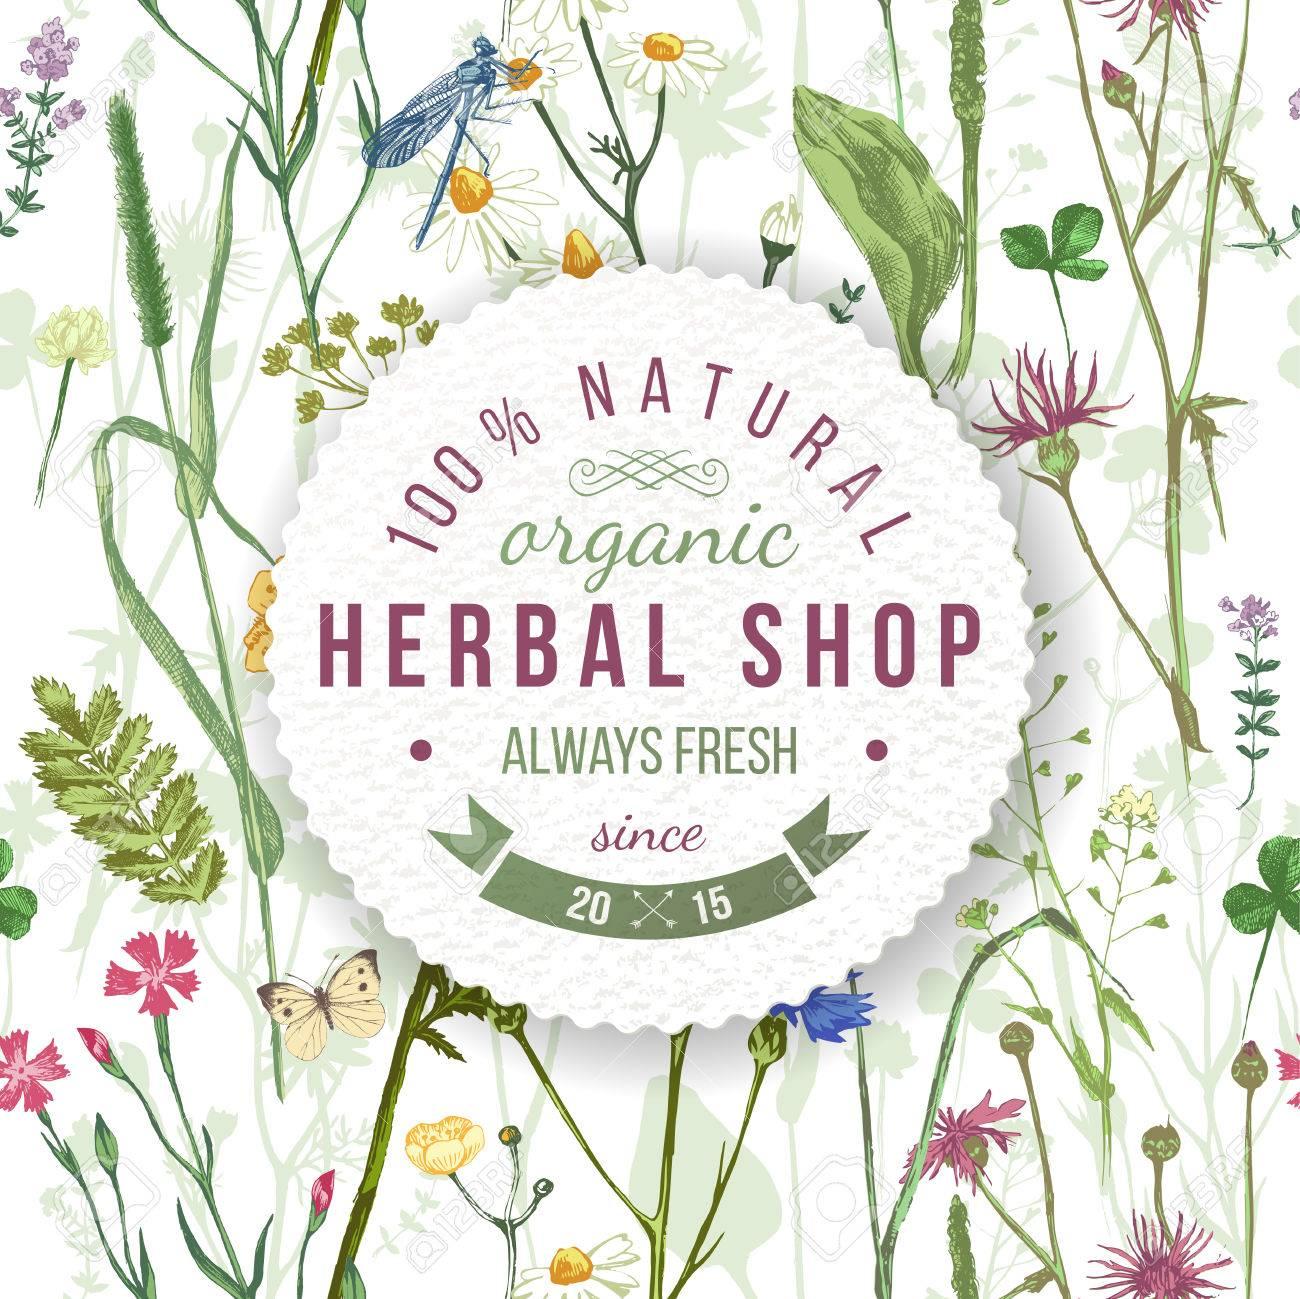 Herboristería Emblema Redondo Sobre Las Hierbas Y Flores Silvestres ...